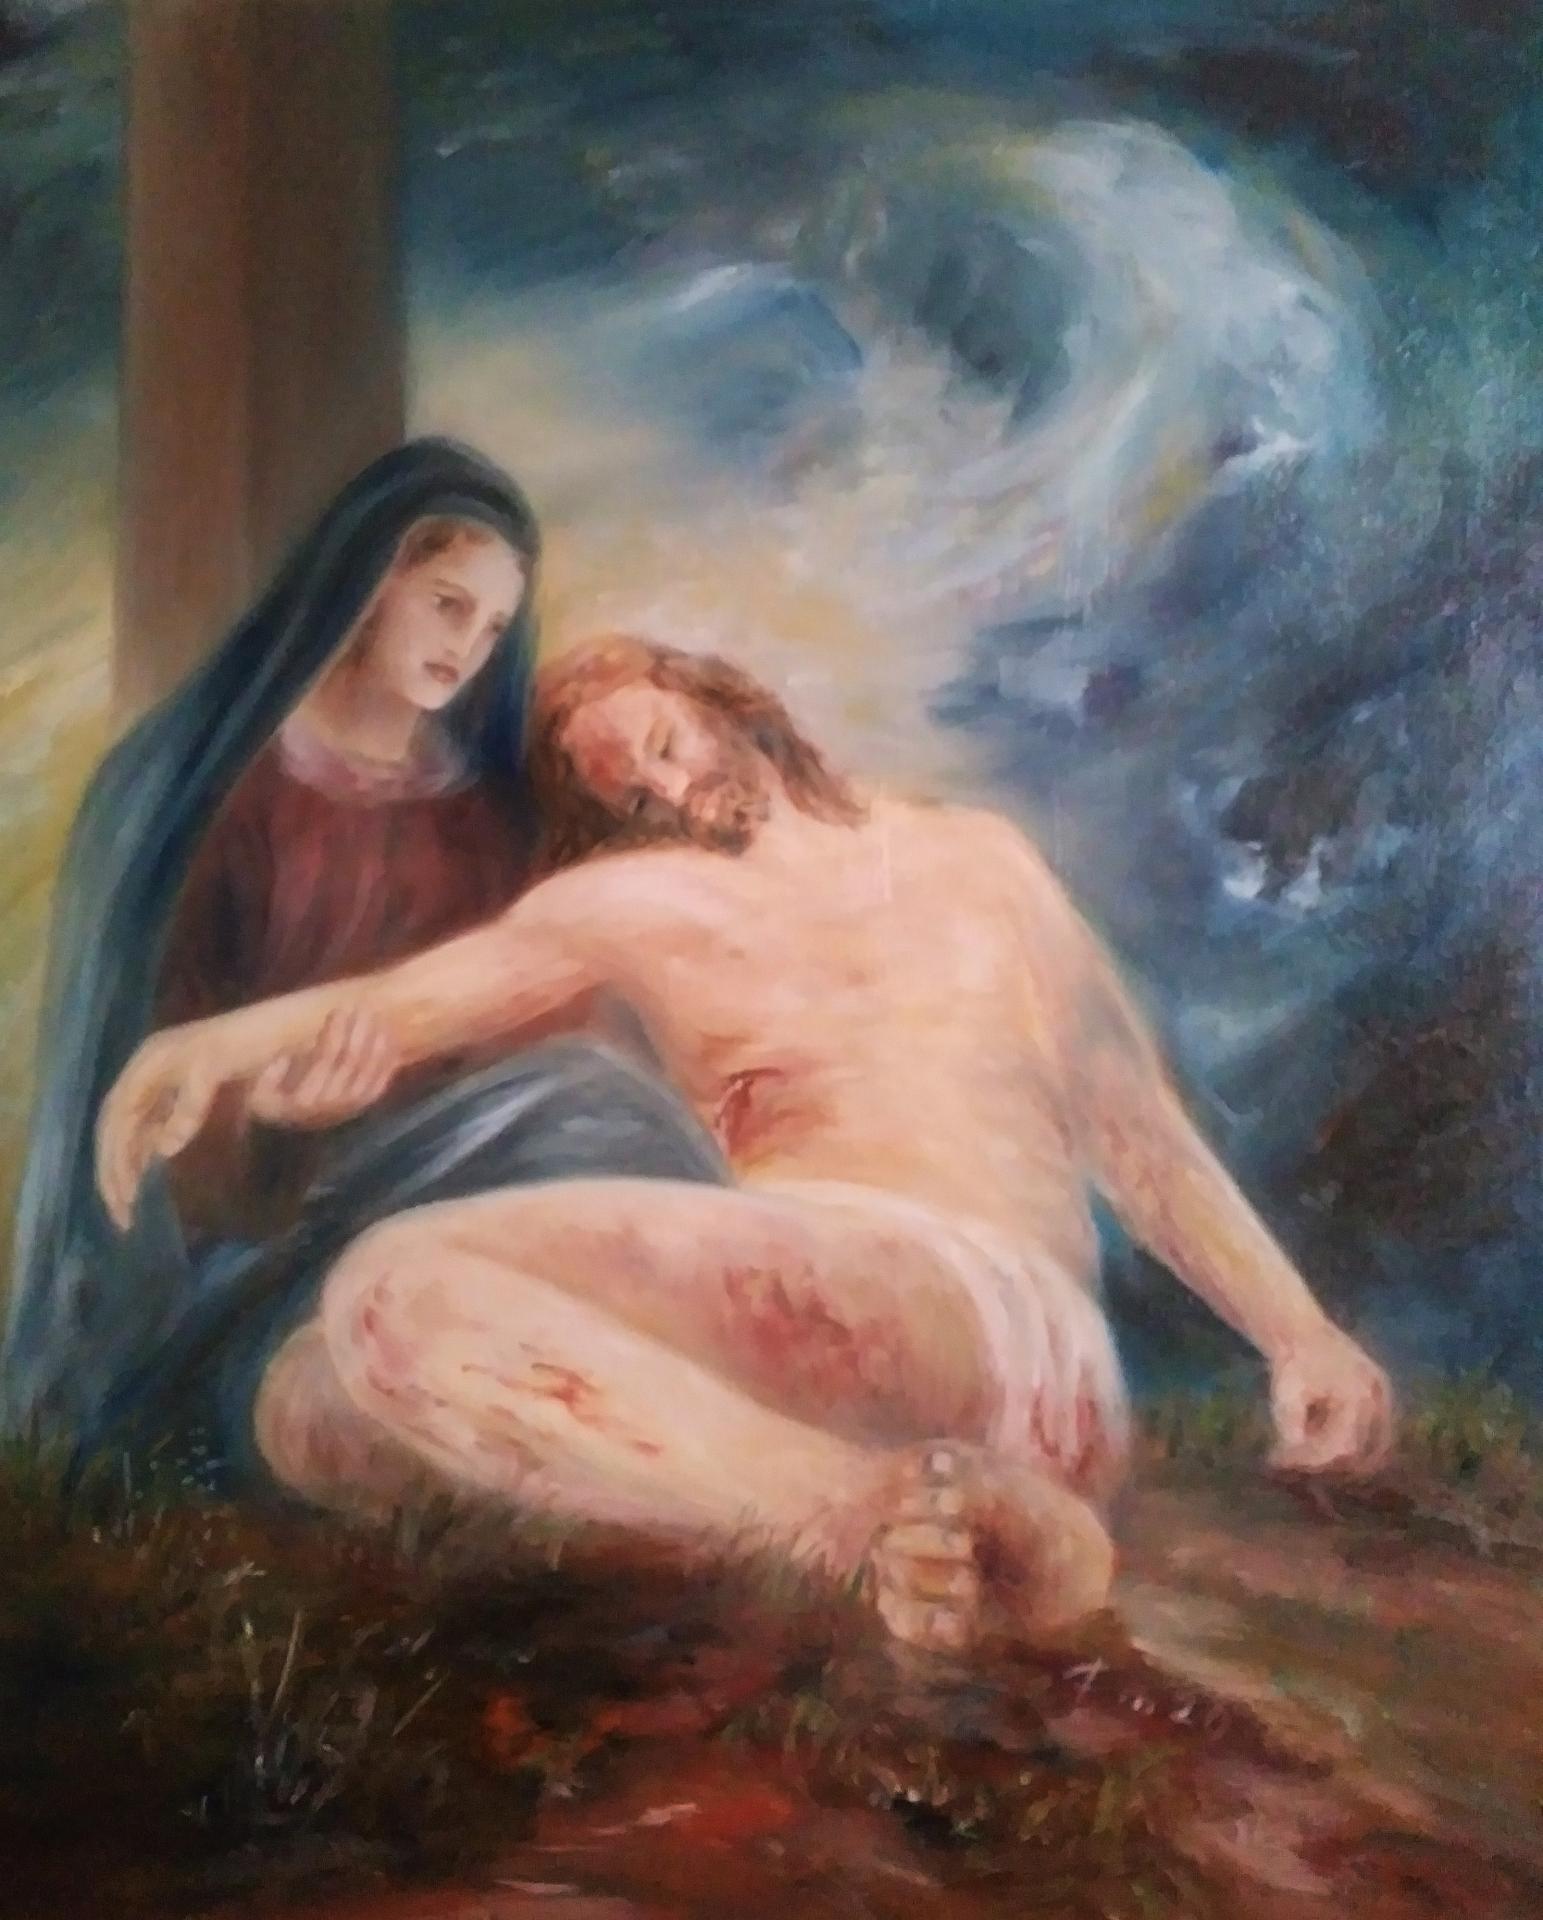 Pieta tableau d art sacre de jean joseph chevalier 1